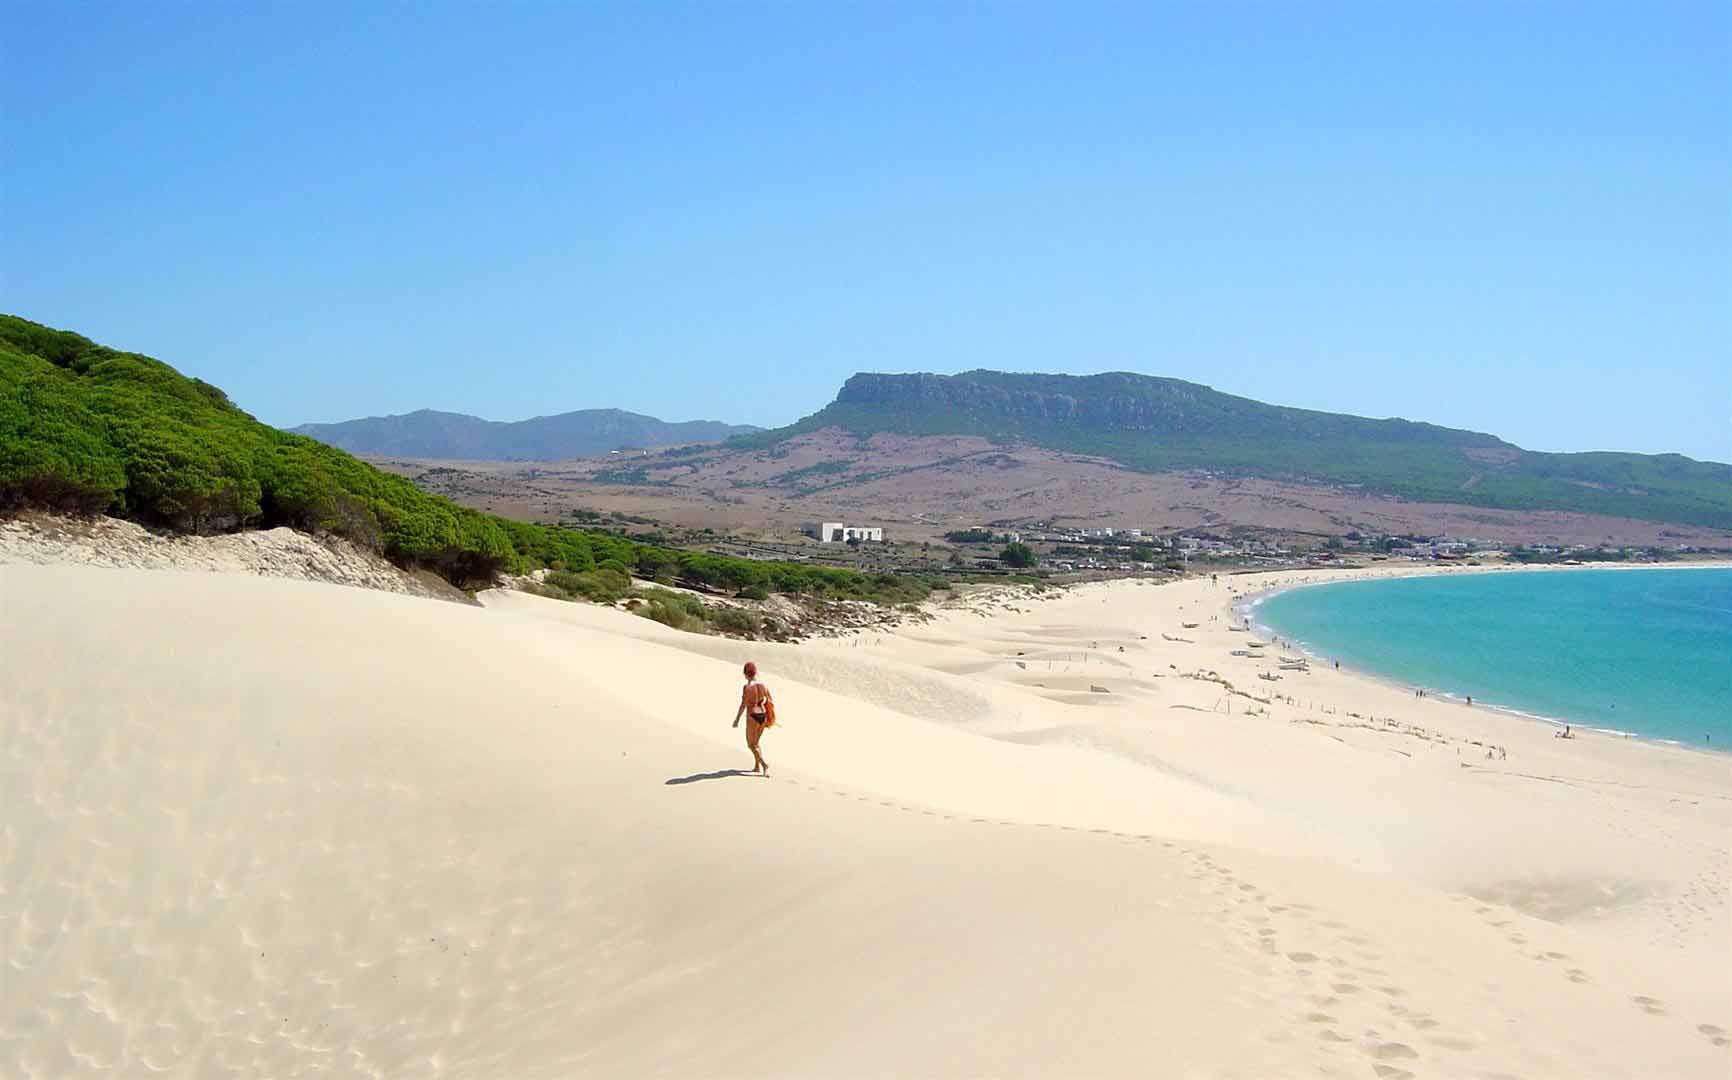 playa-de-bolonia-2